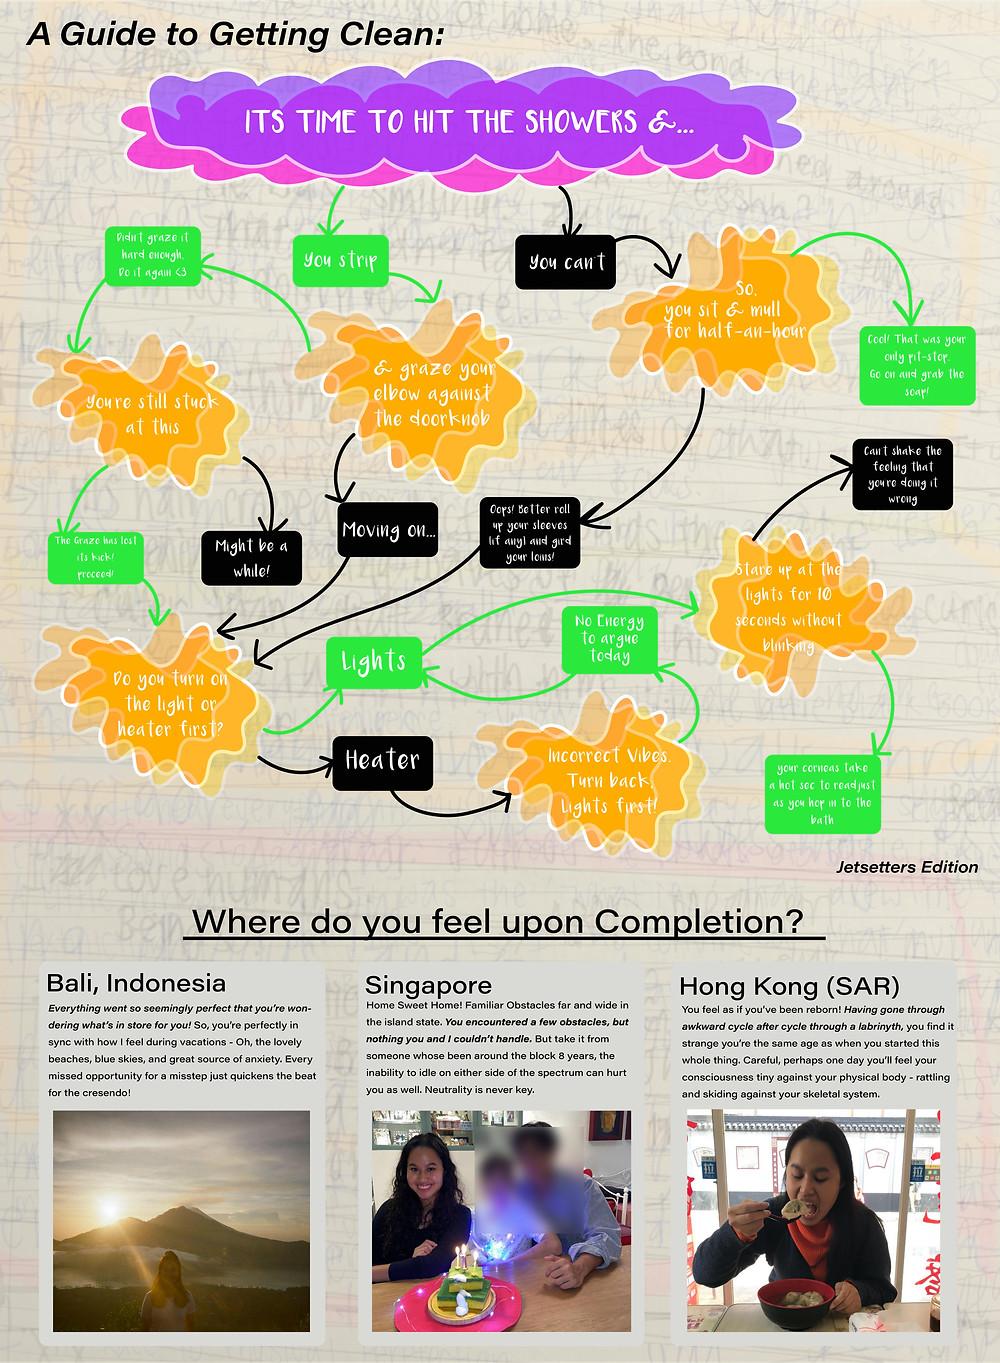 blurb magazine. blurbmag. A guide to getting clean. rachel sin. lifestyle. @blurb.mag